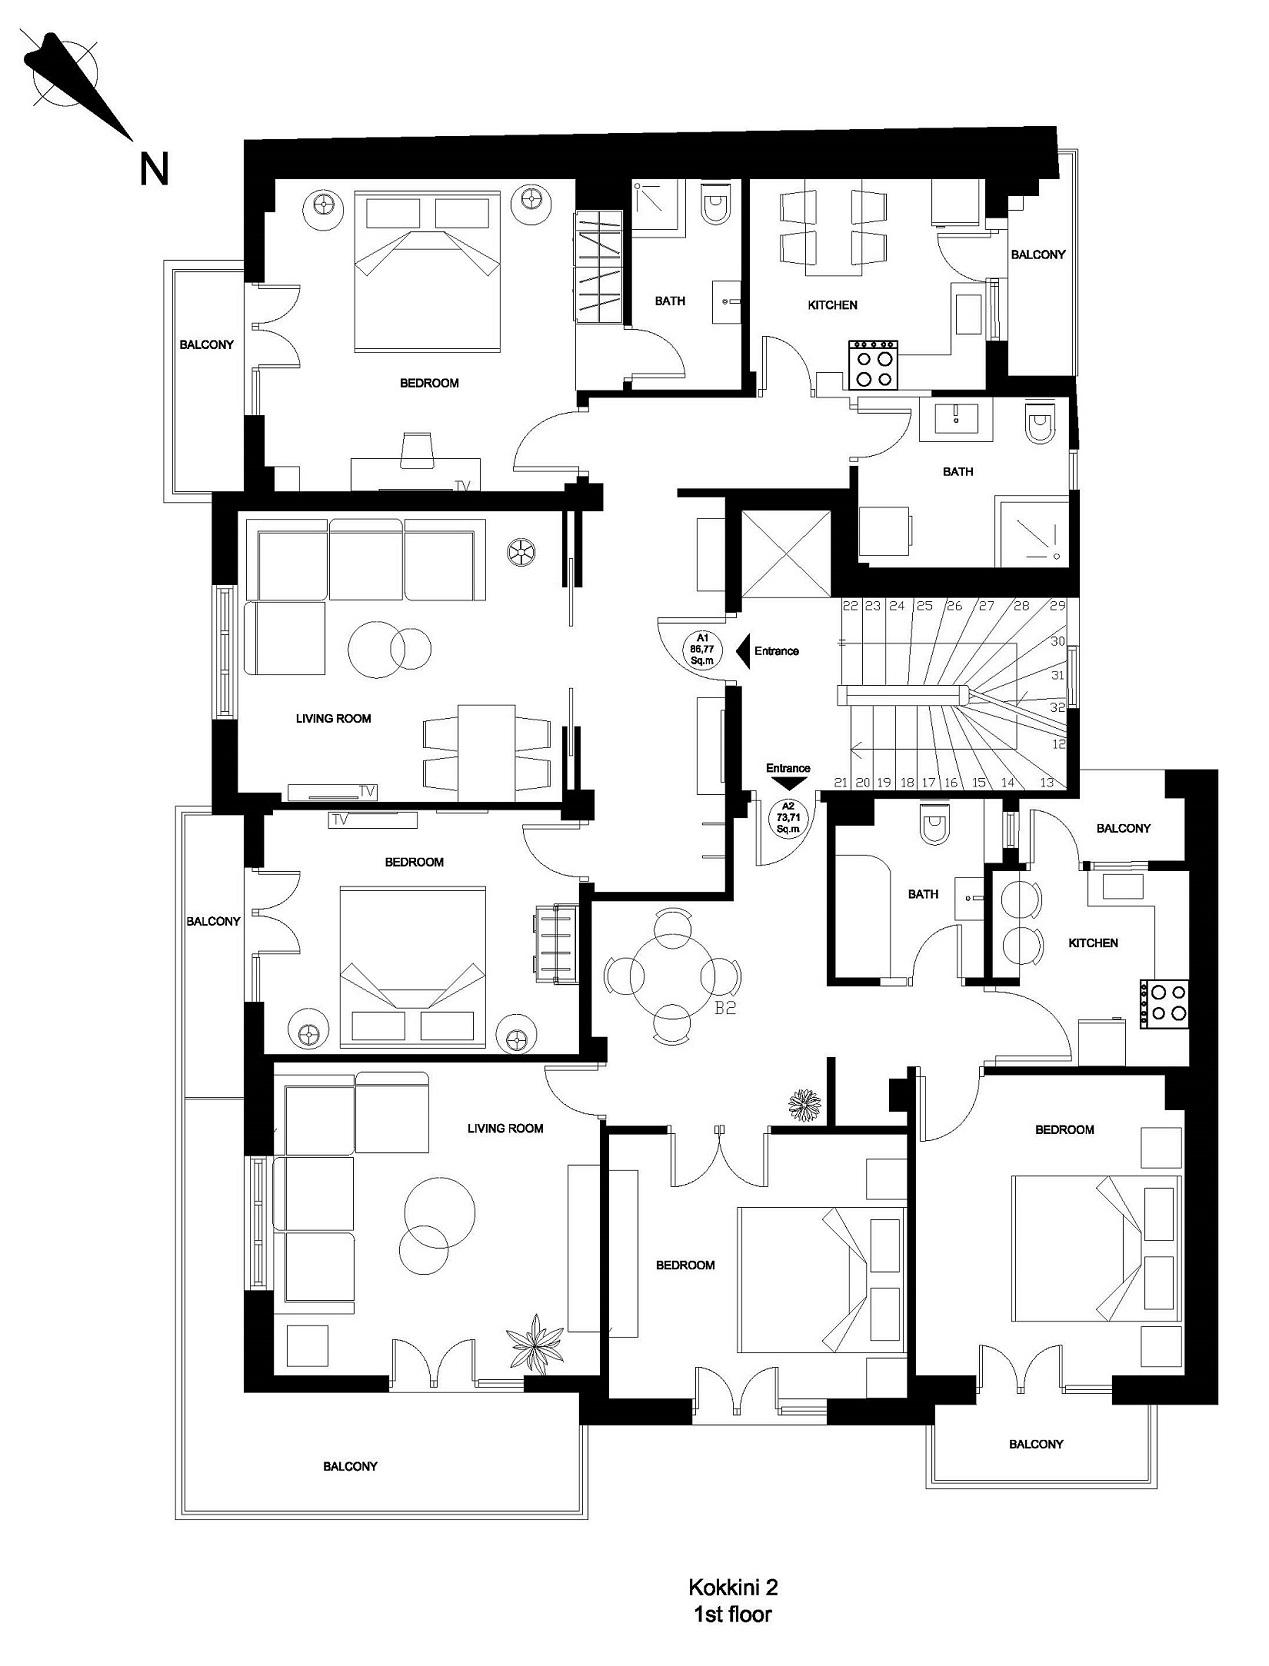 Kokkini 2 1st floor plan